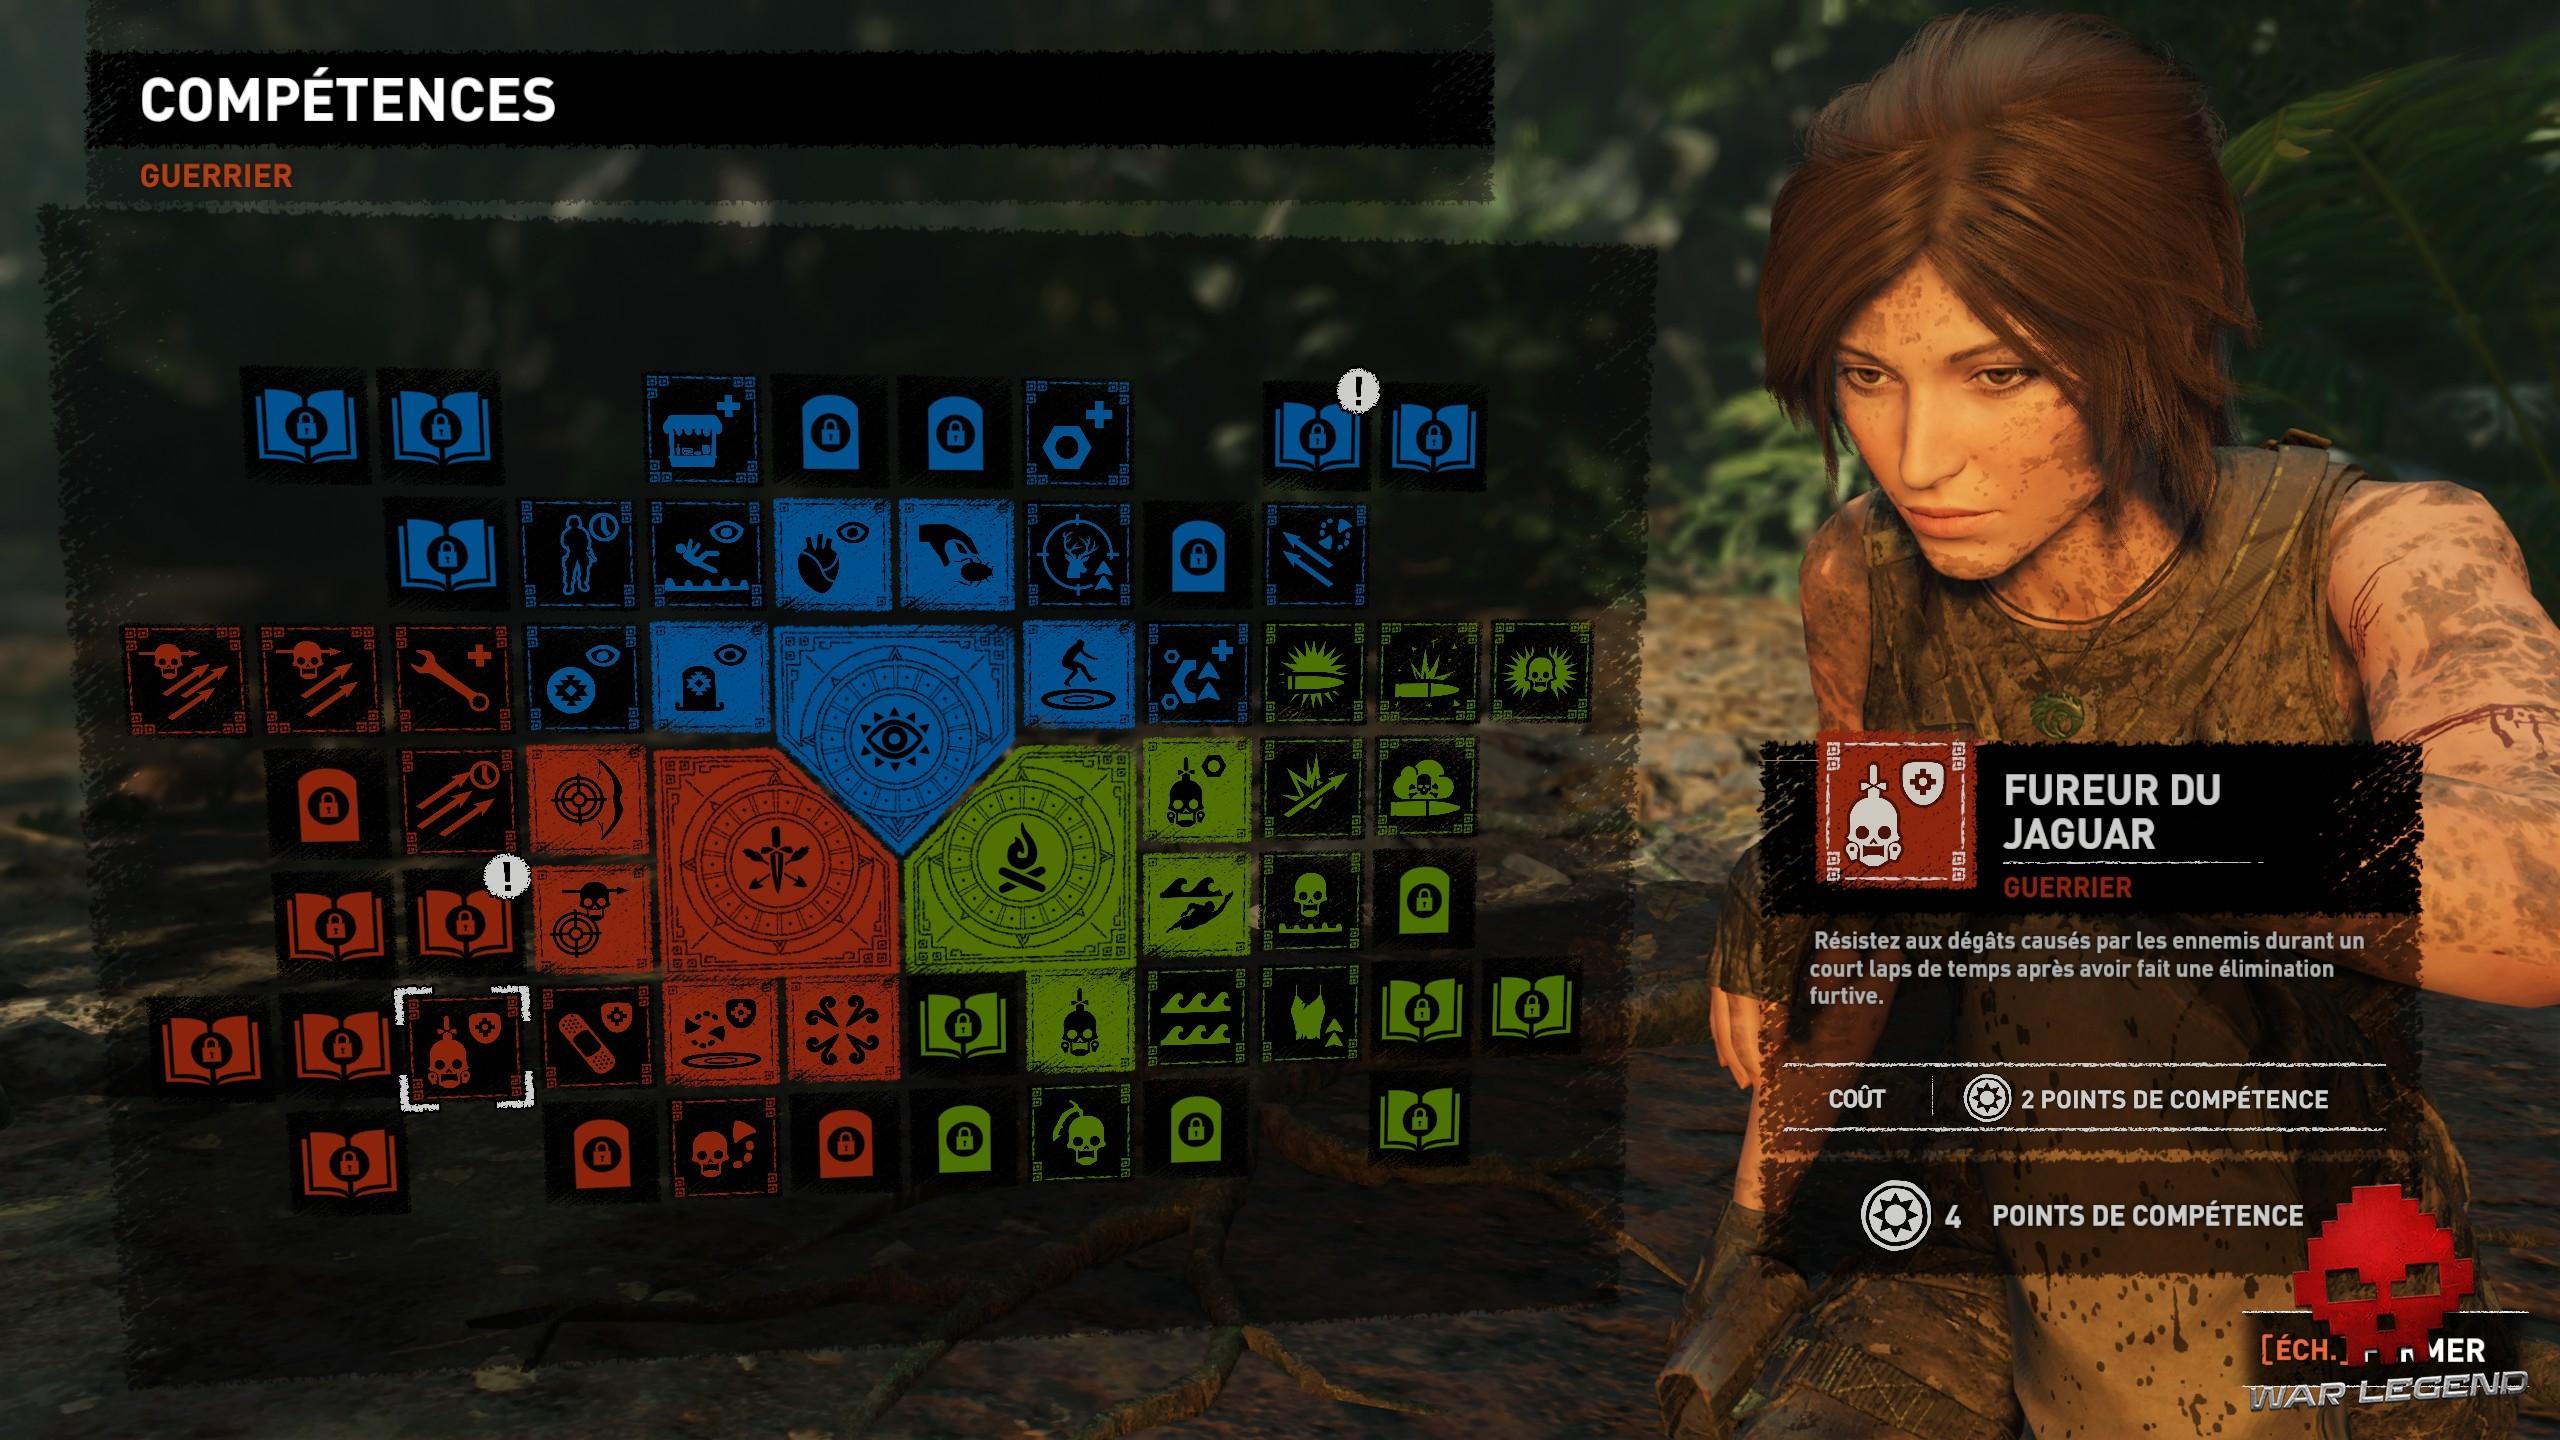 arbre de compétences de Lara